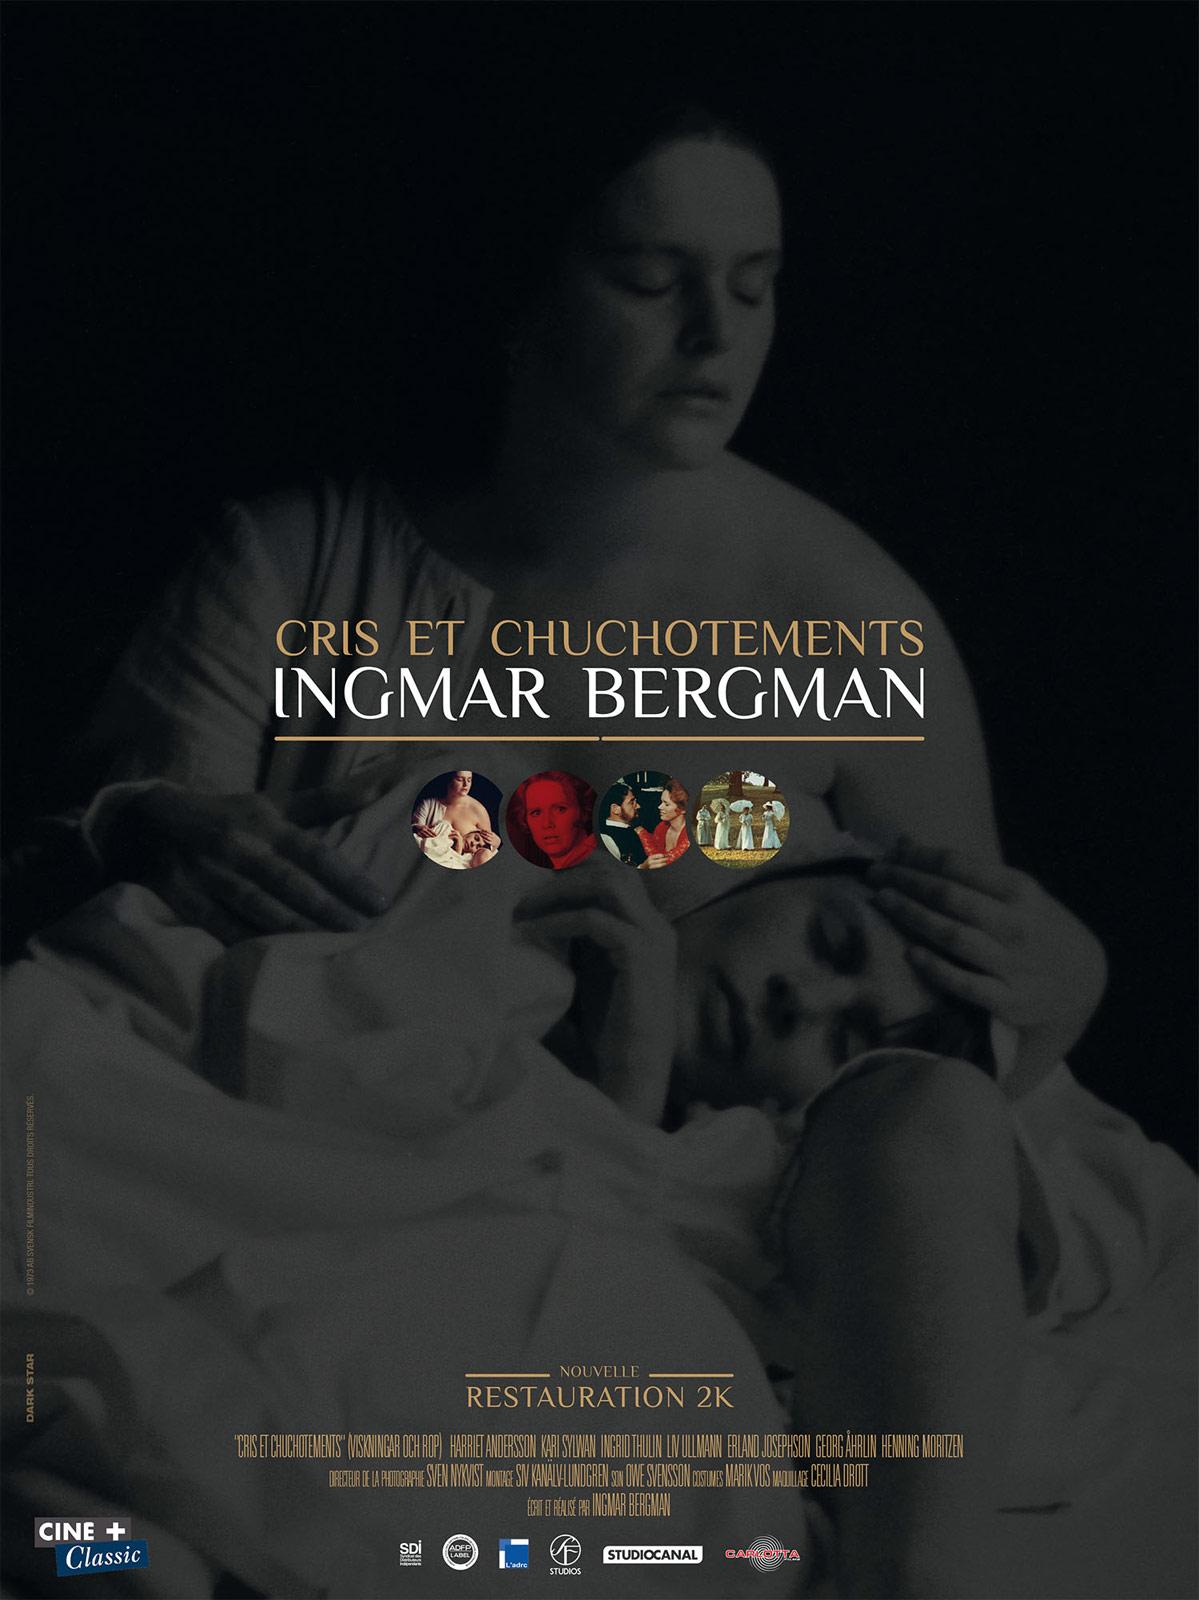 Cris et chuchotements d'Ingmar Bergman